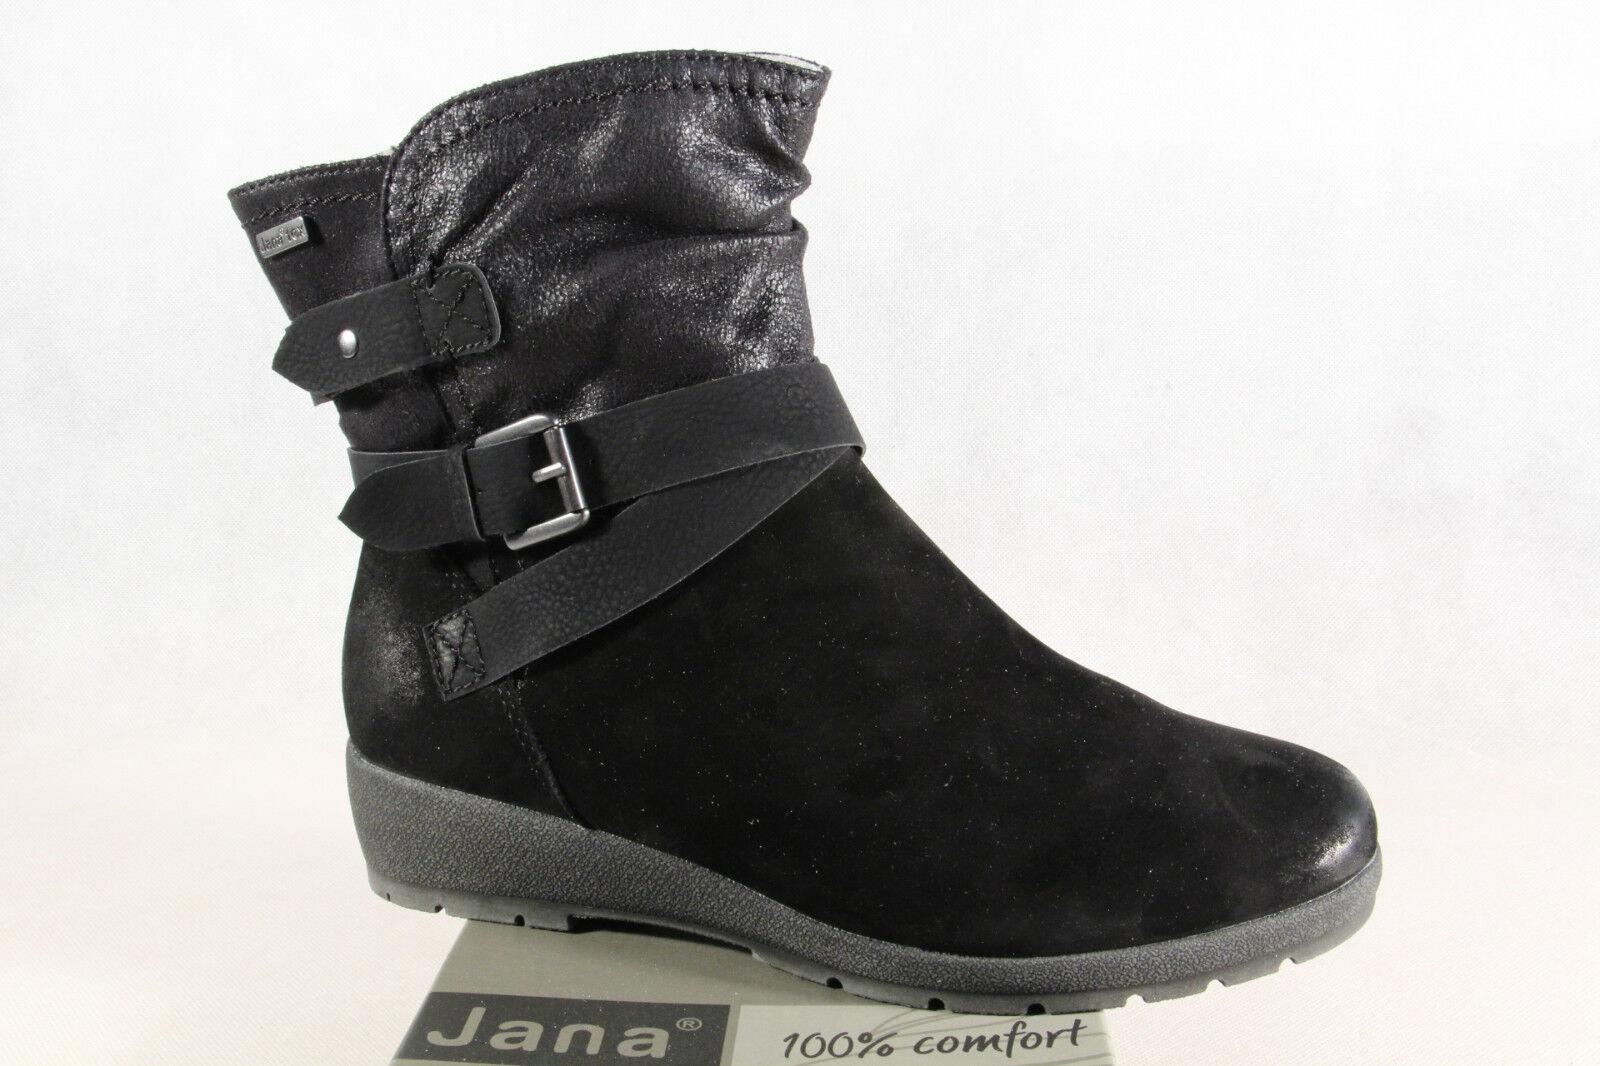 Grandes zapatos con descuento JANA -tex Botas Mujer Botas botines botas de invierno Negro Cuero Aut. NUEVO